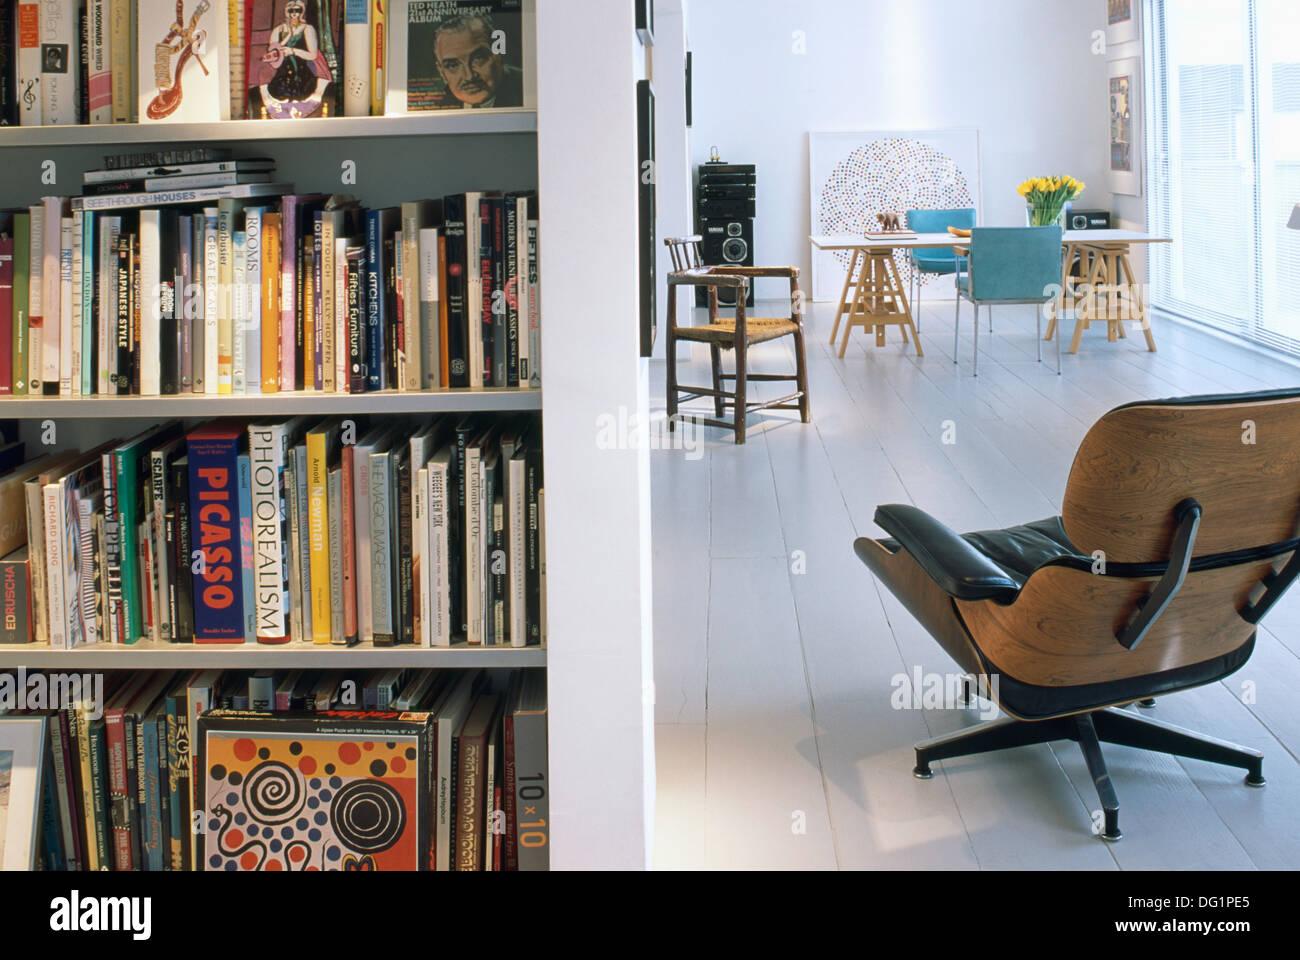 Charles Eames Liege Stuhl Neben Bücherregale Im Modernen Offene Wohnung Mit  Weiß Lackierten Holzboden Stockbild